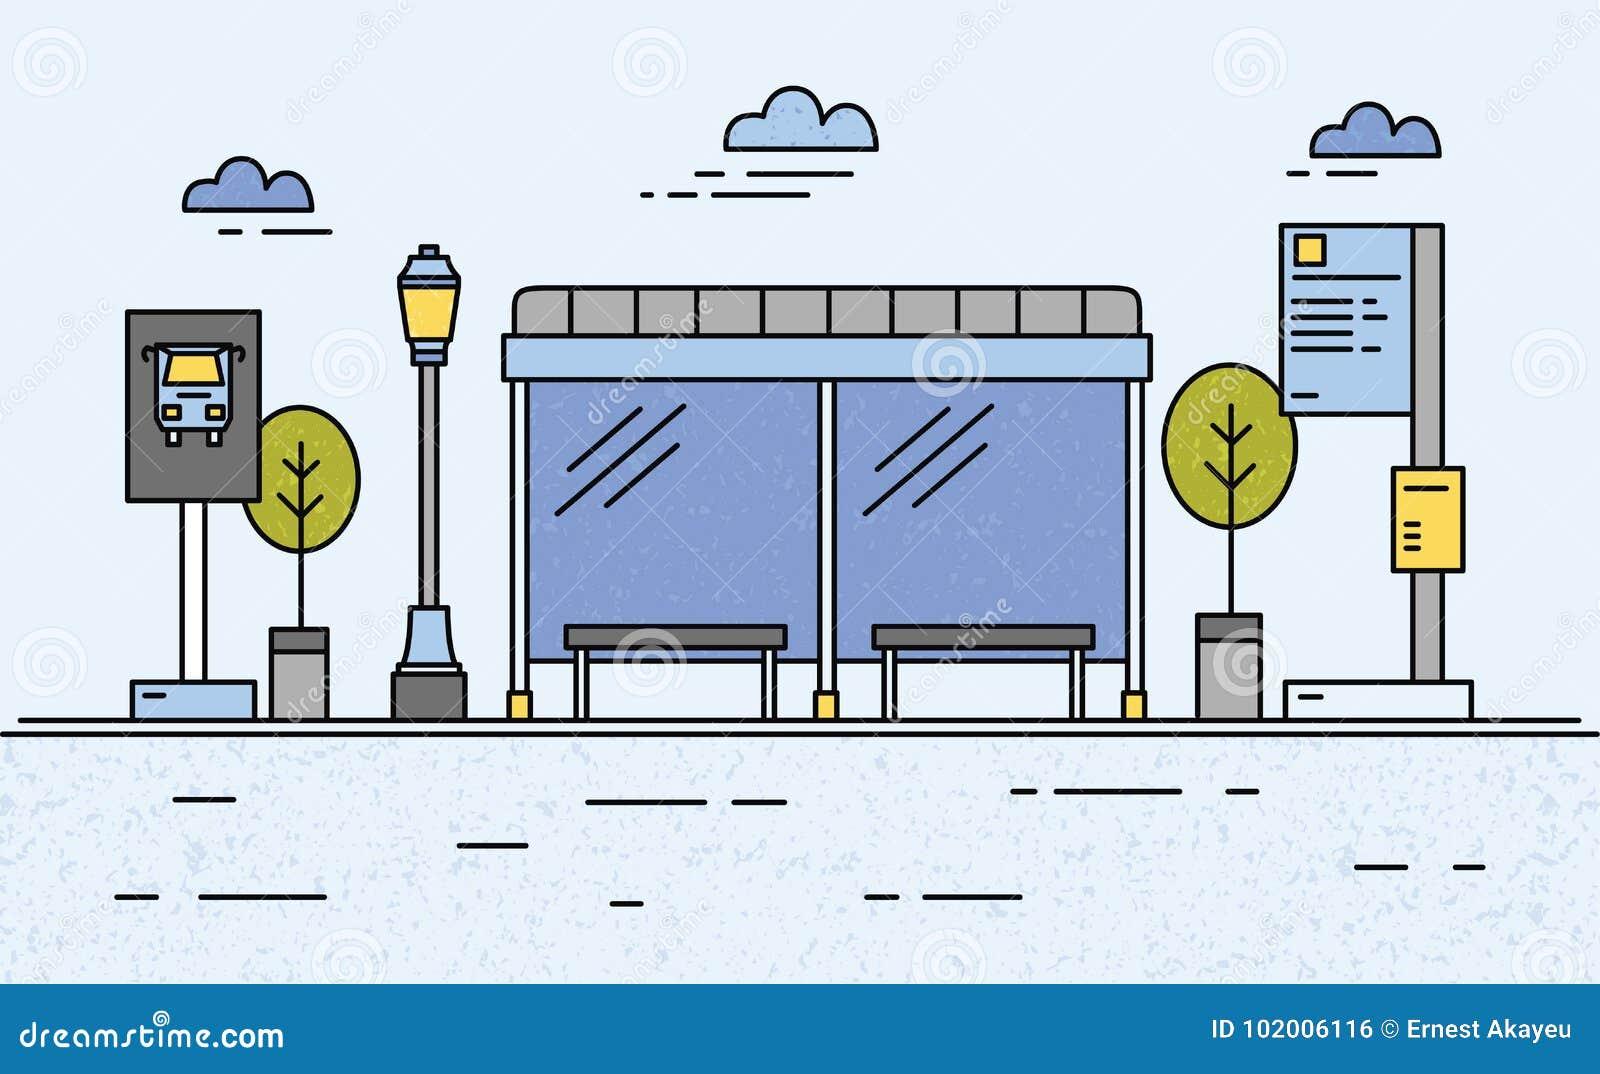 Bushalte, straatlantaarn, openbaar vervoertijdschema en informatie voor passagiers